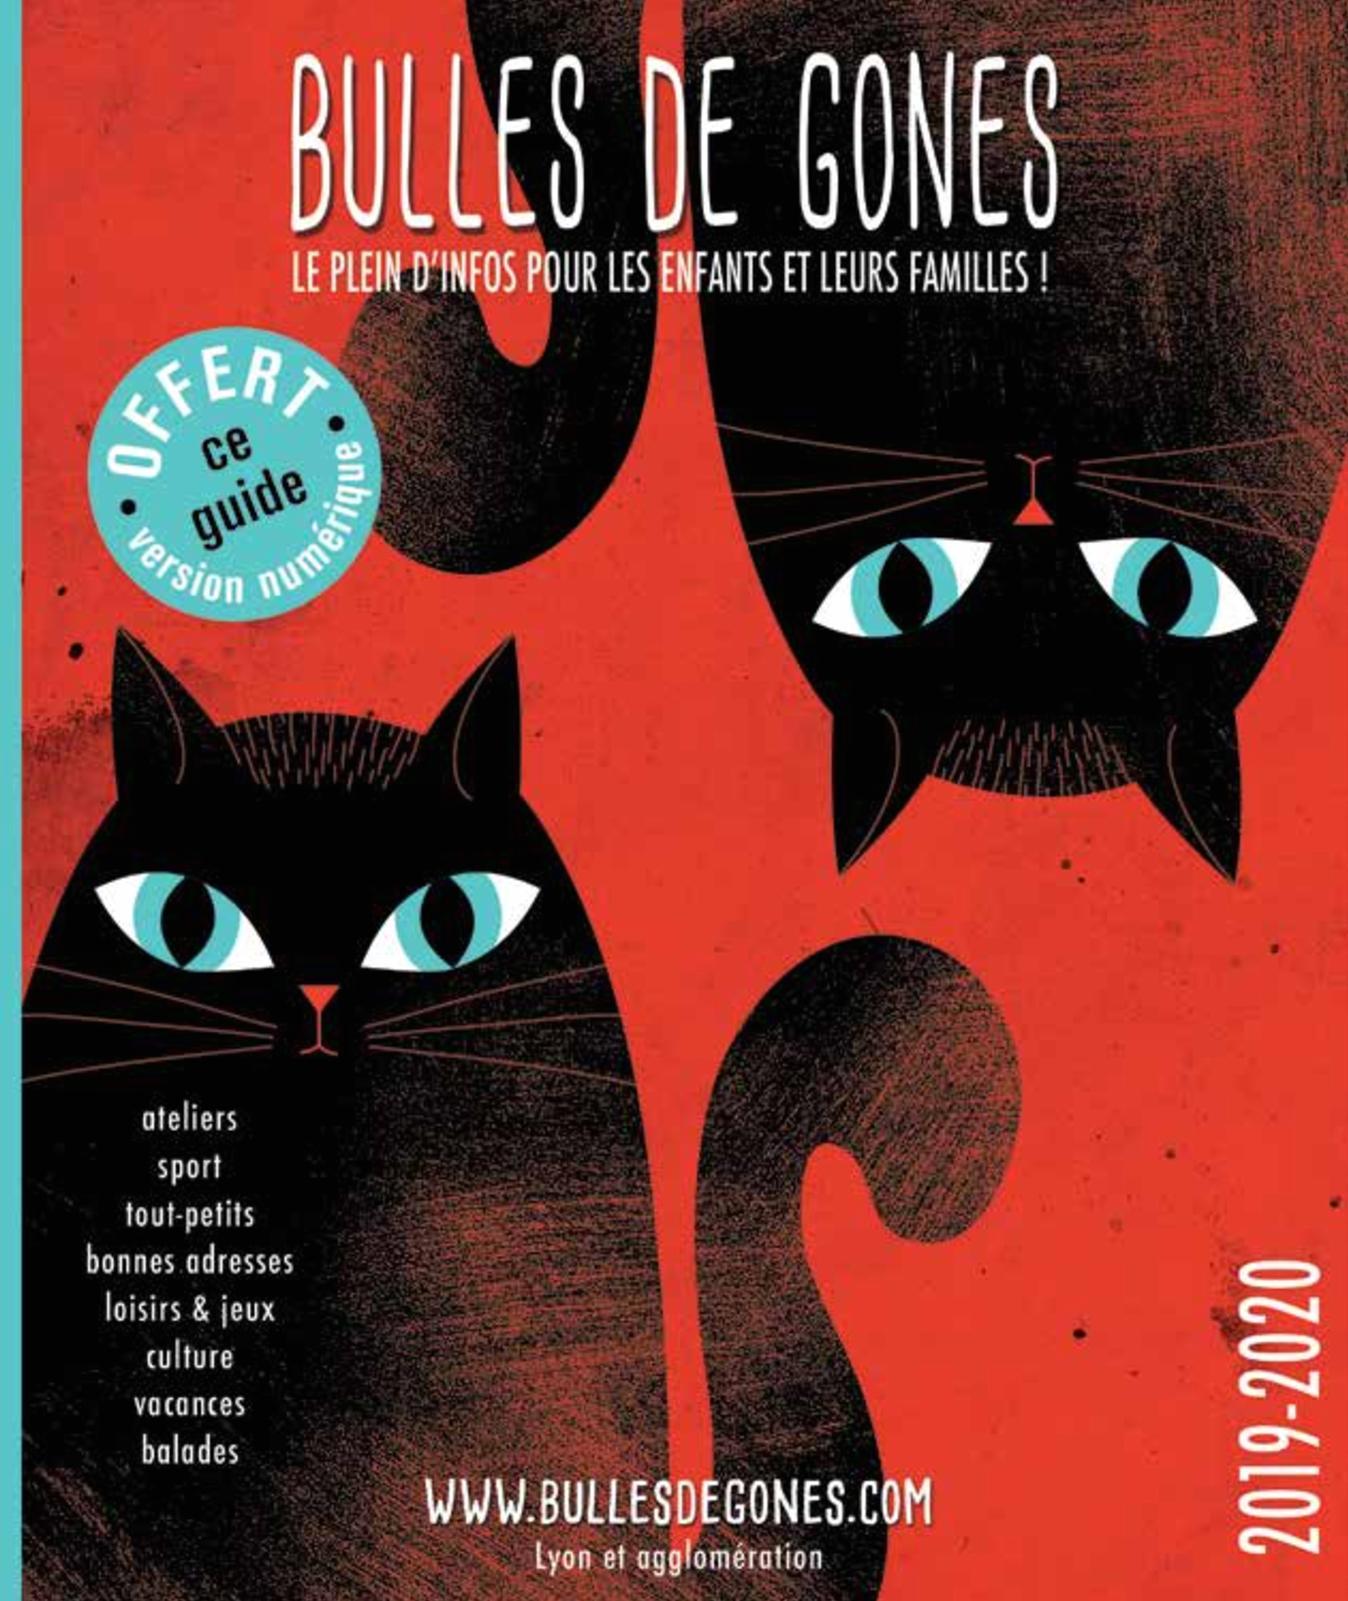 De 2020 Gones Guide 2019 Calaméo Le Bulles 0kXn8wPO